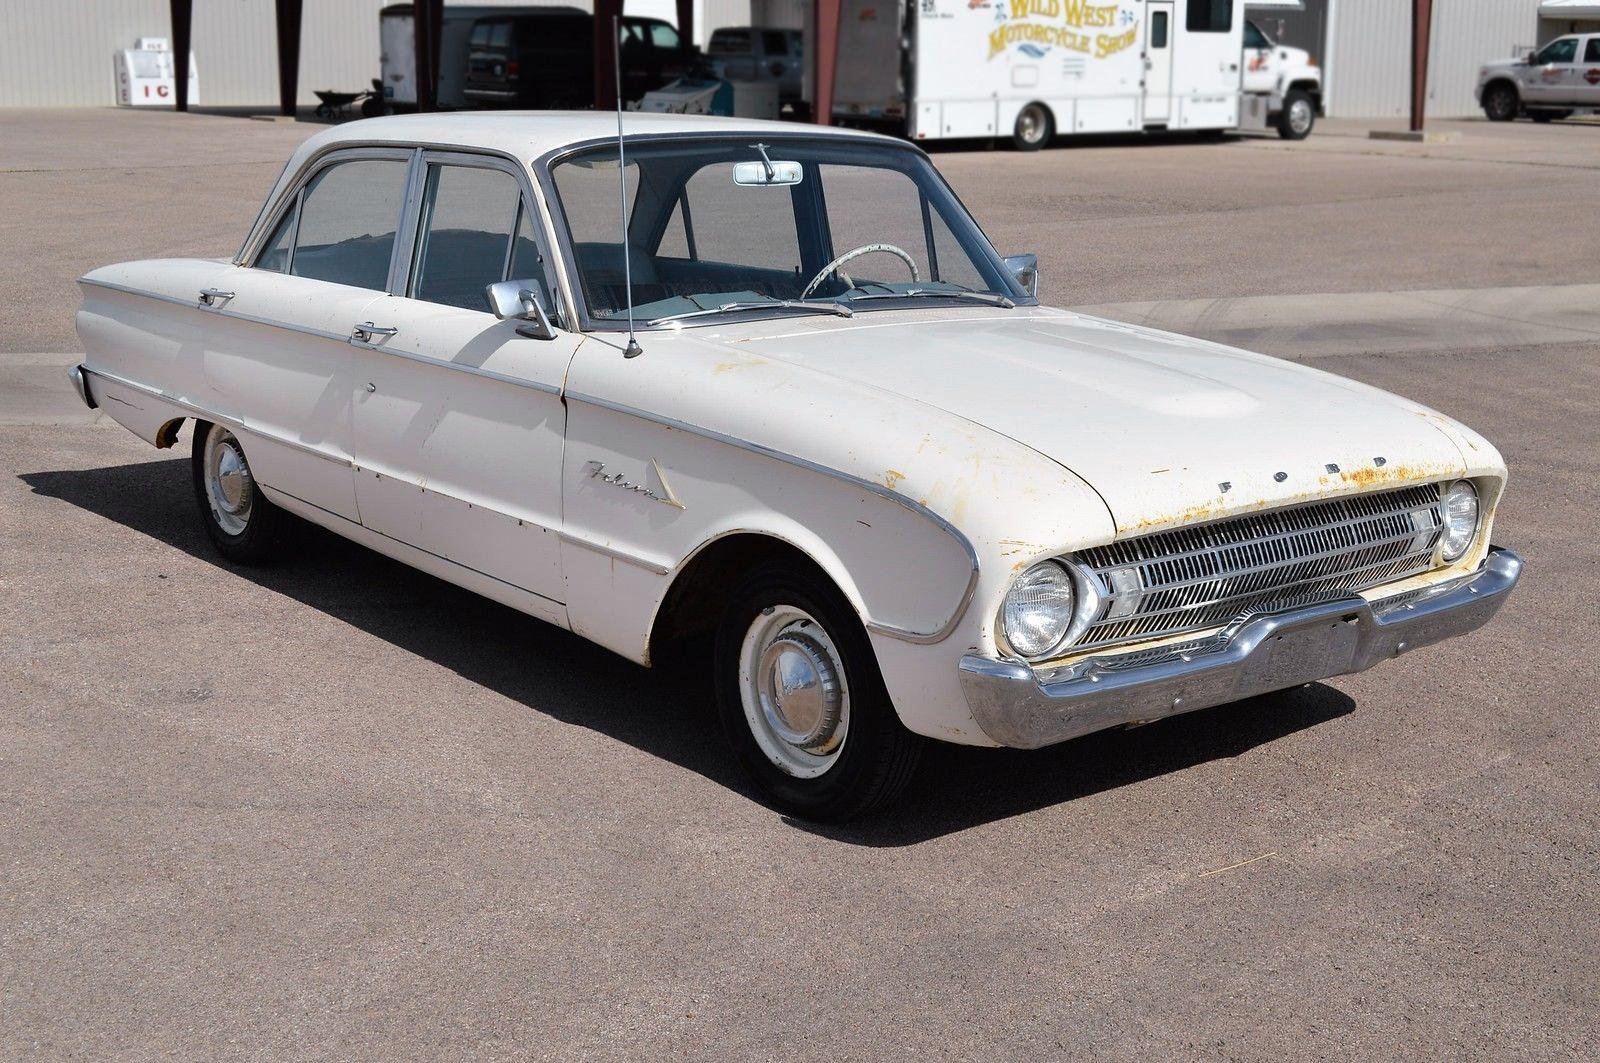 34 597 Original Miles 1961 Ford Falcon